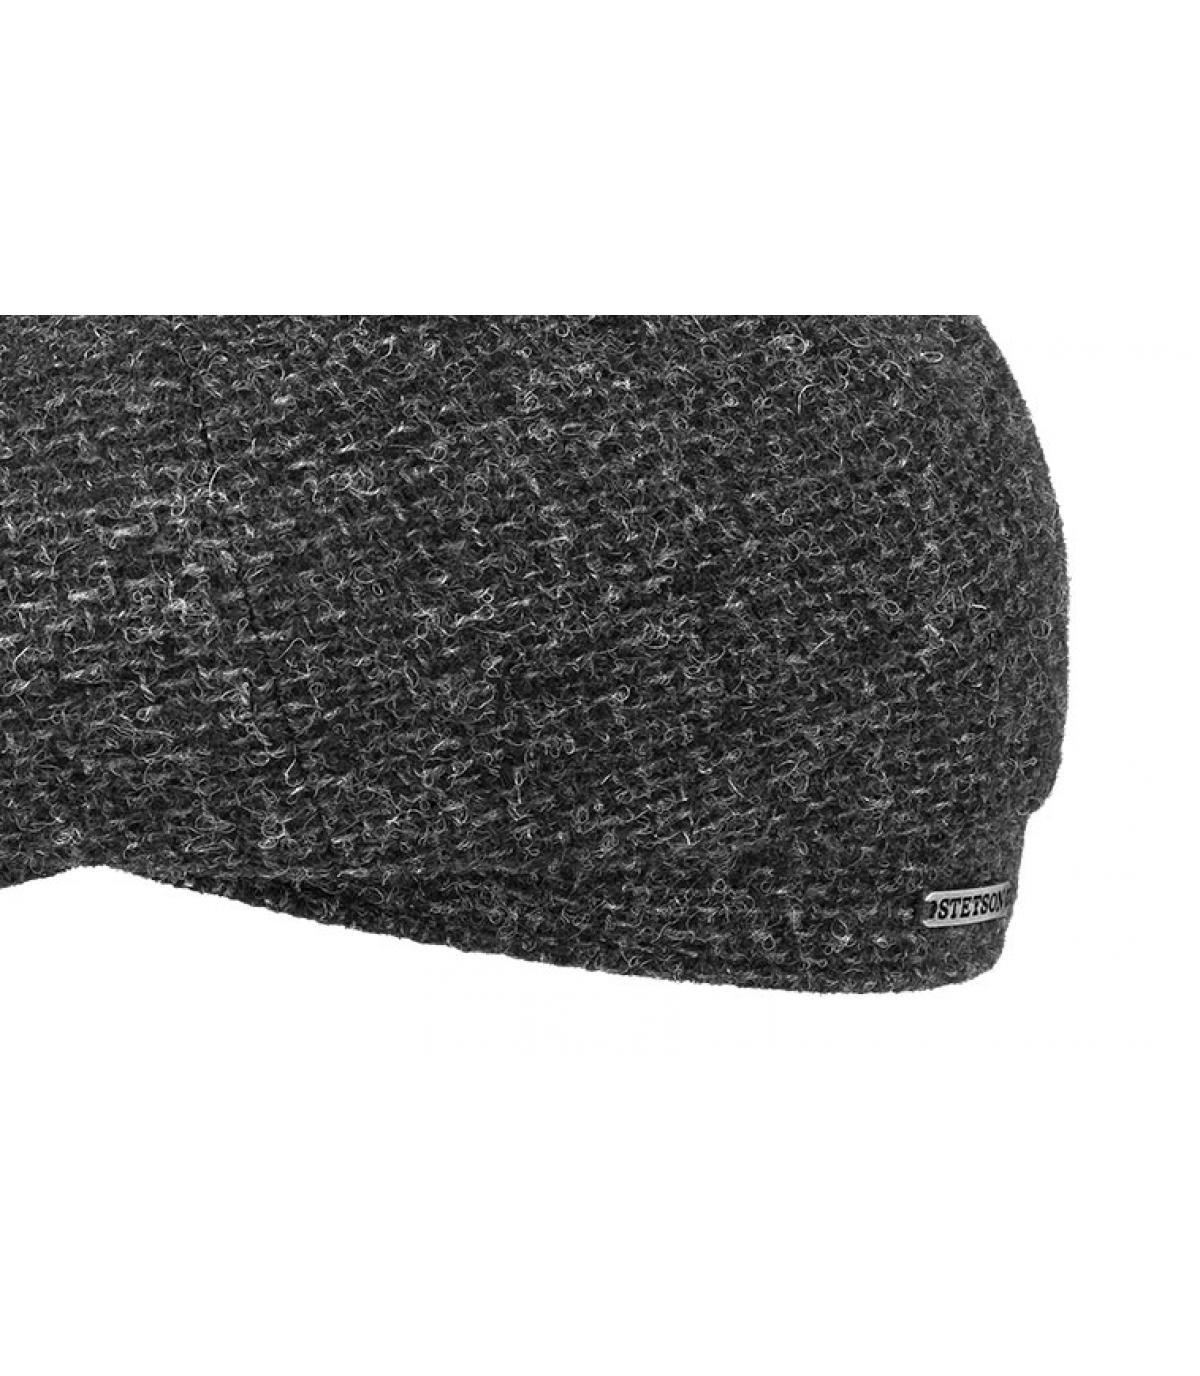 Detalles Hatteras Wool grey imagen 3